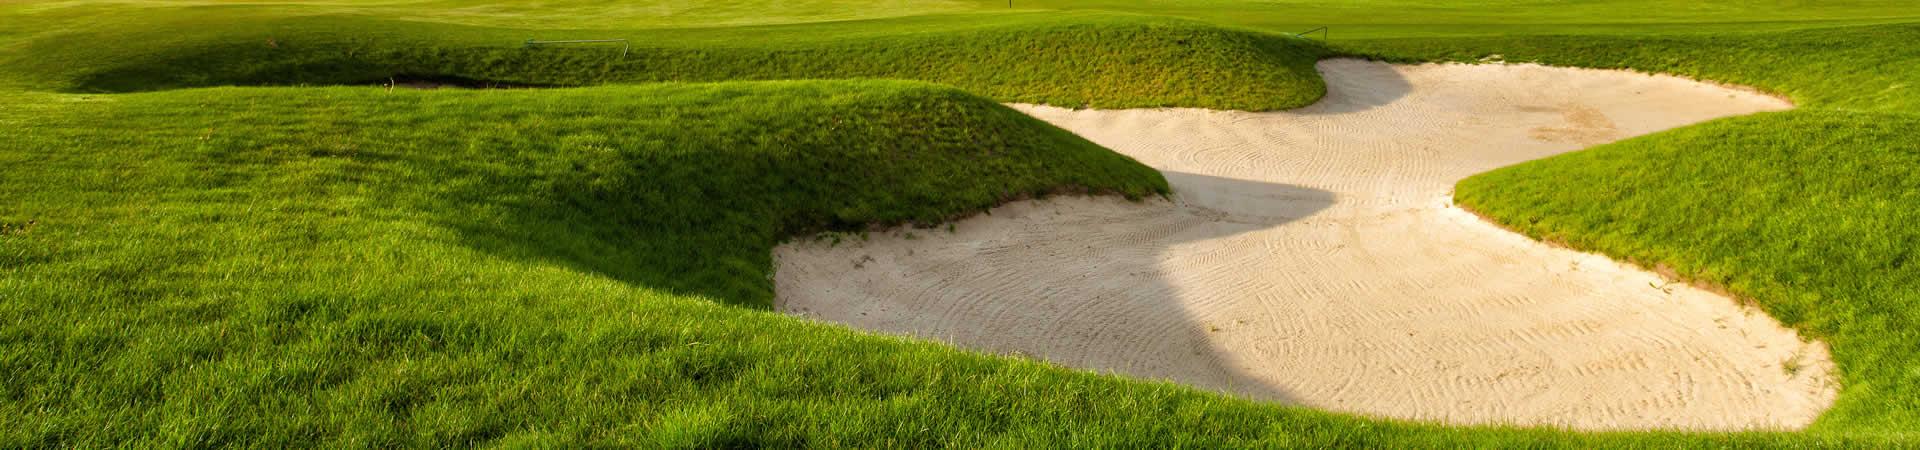 Bunker Sands